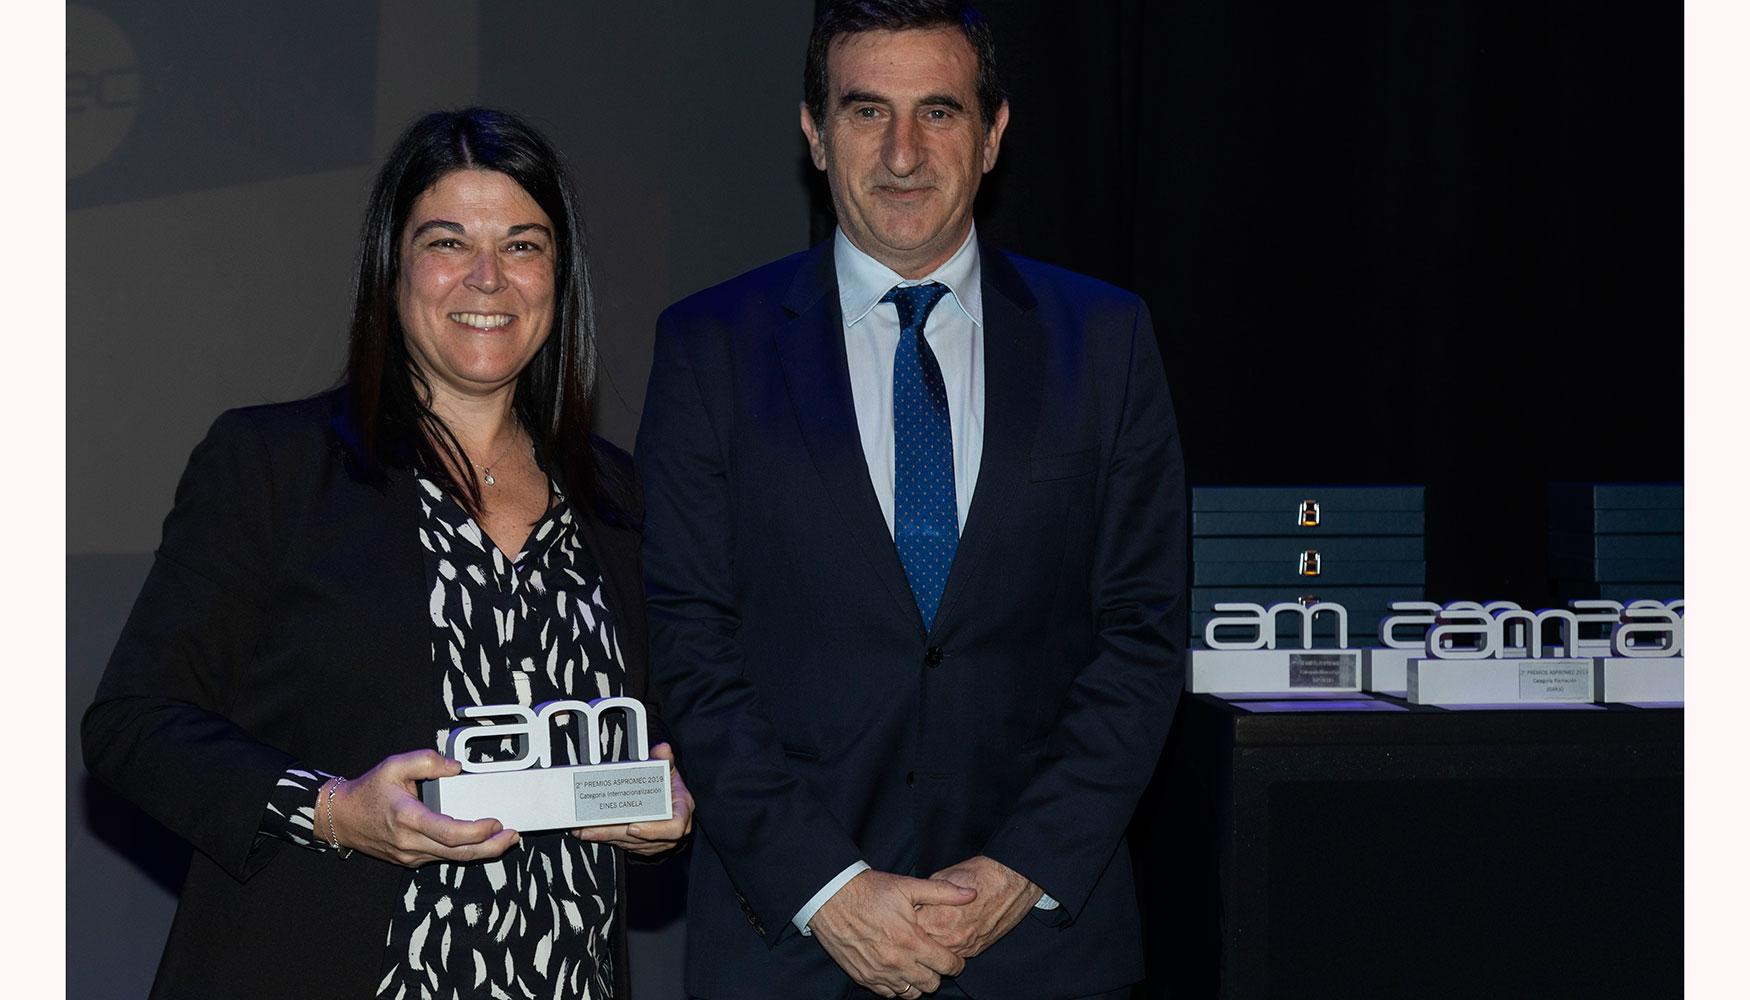 En la categoría Internacionalización entregó el premio José Ignacio Ortiz de Urbina, vocal de Aspromec y director general de Intermaher. Recogió Silvia Canela Viñas, directora Managing de Eines Canela.